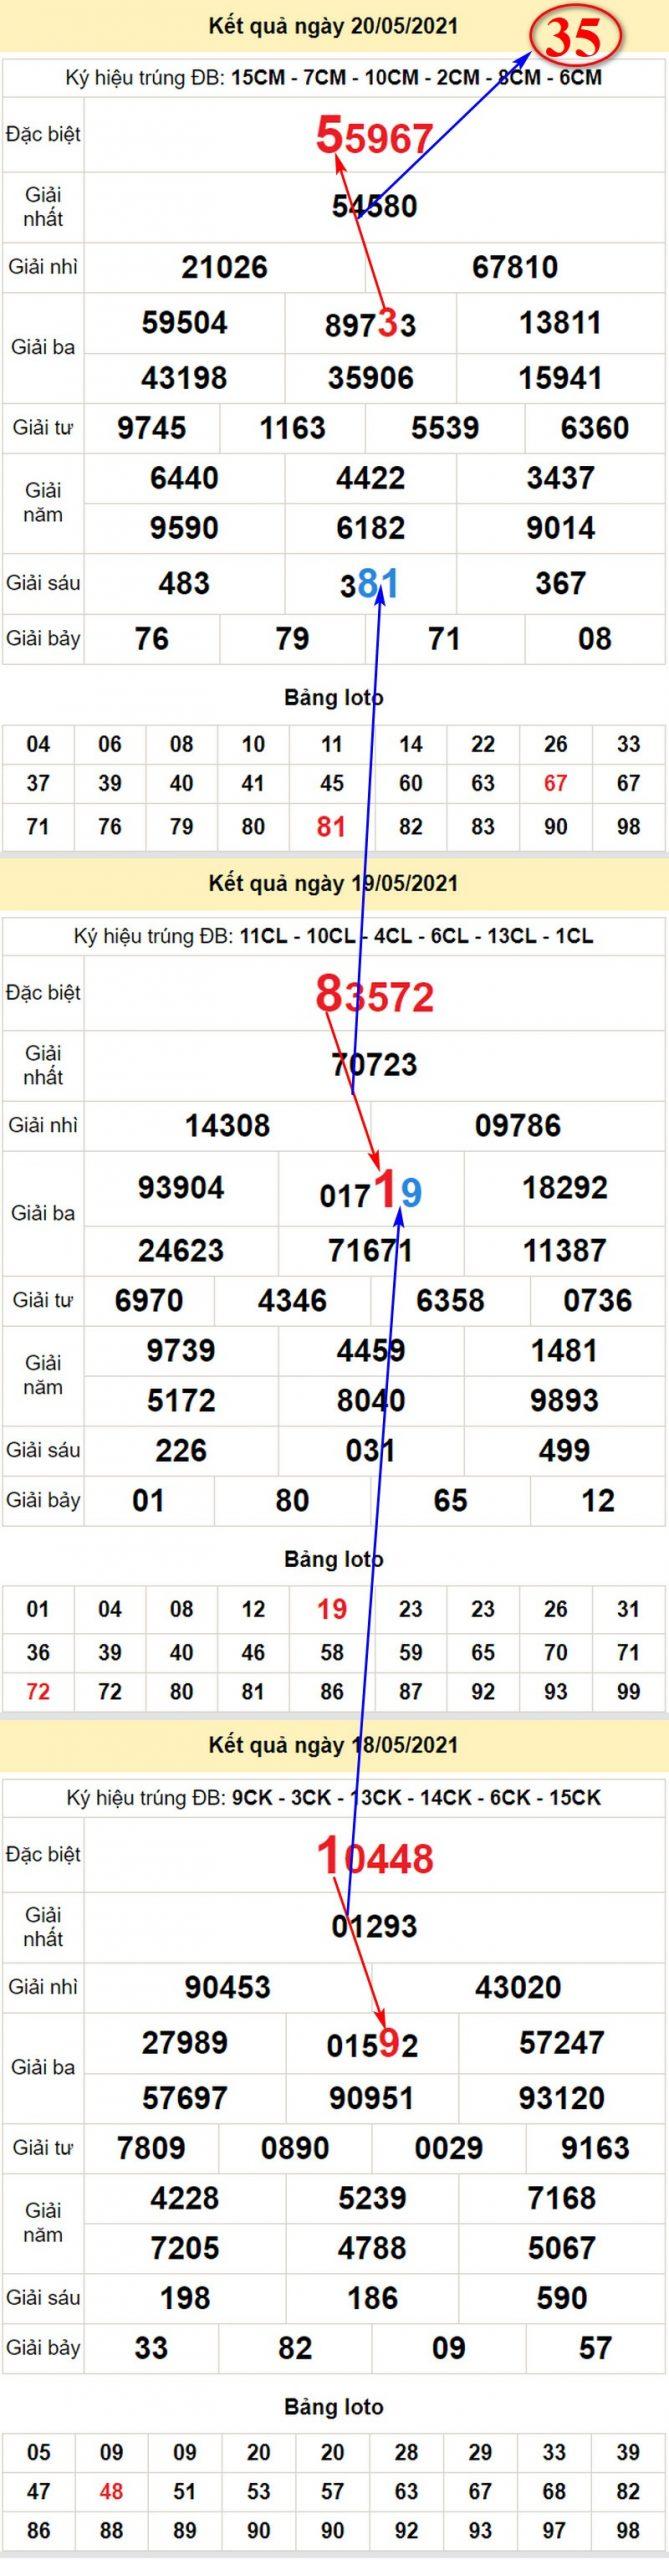 Chi tiết soi cầu dự đoán xổ số miền Bắc thứ sáu 21/5/2021